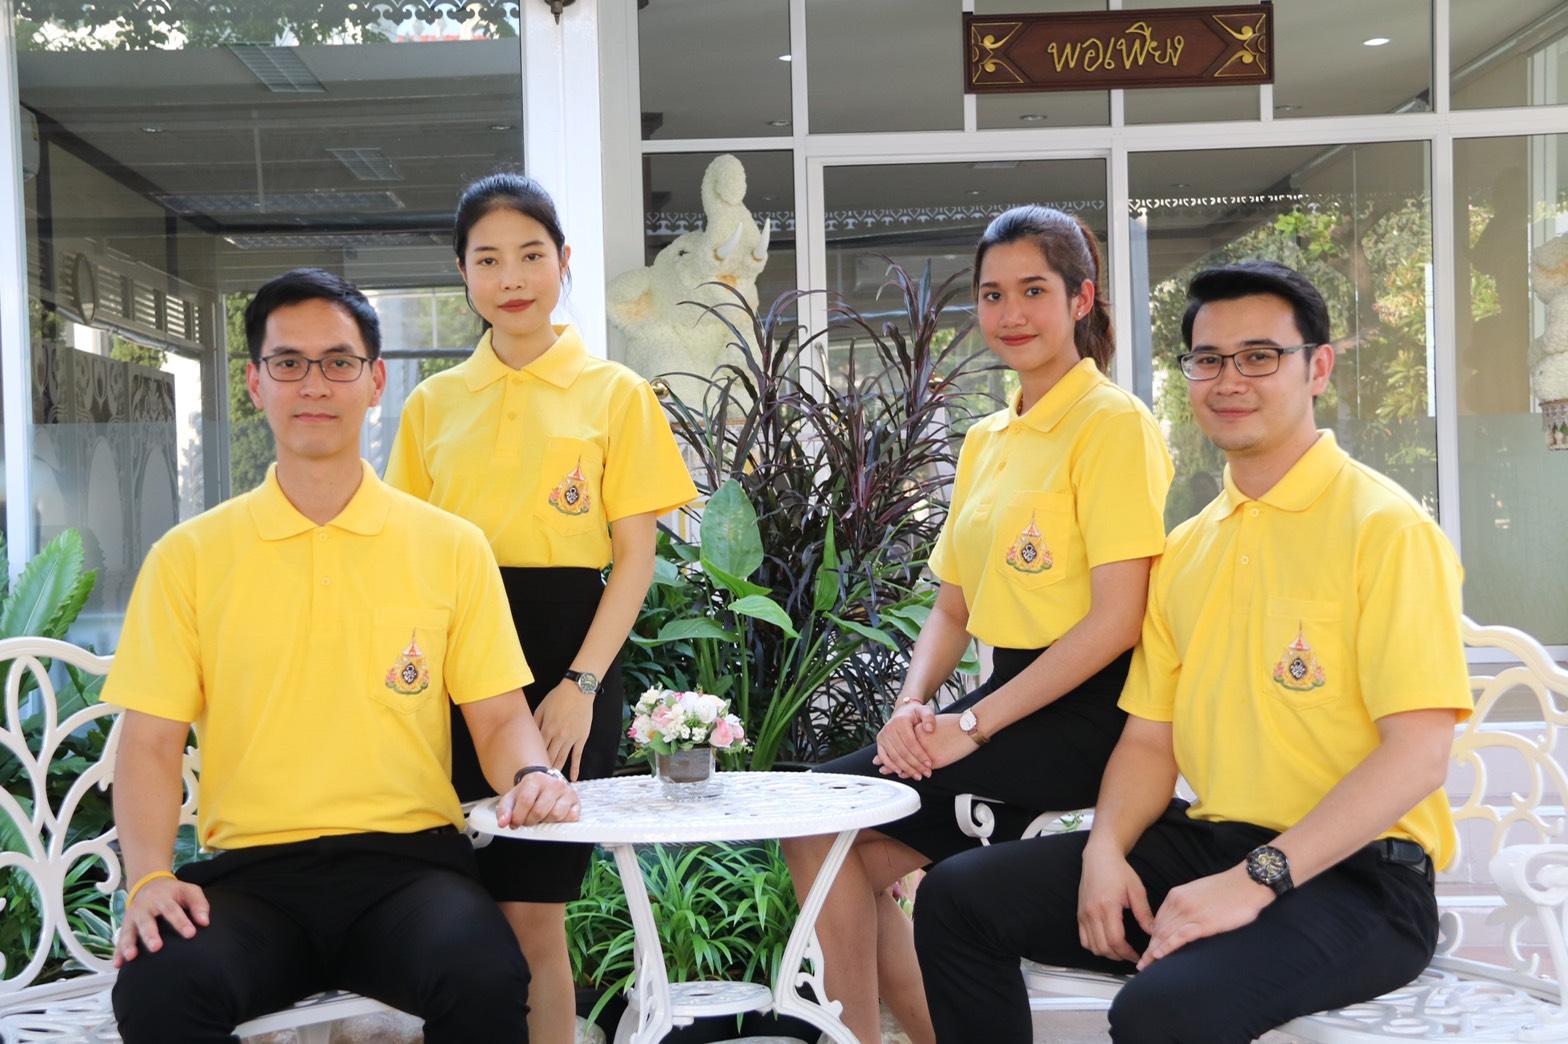 สวมเสื้อเหลือง